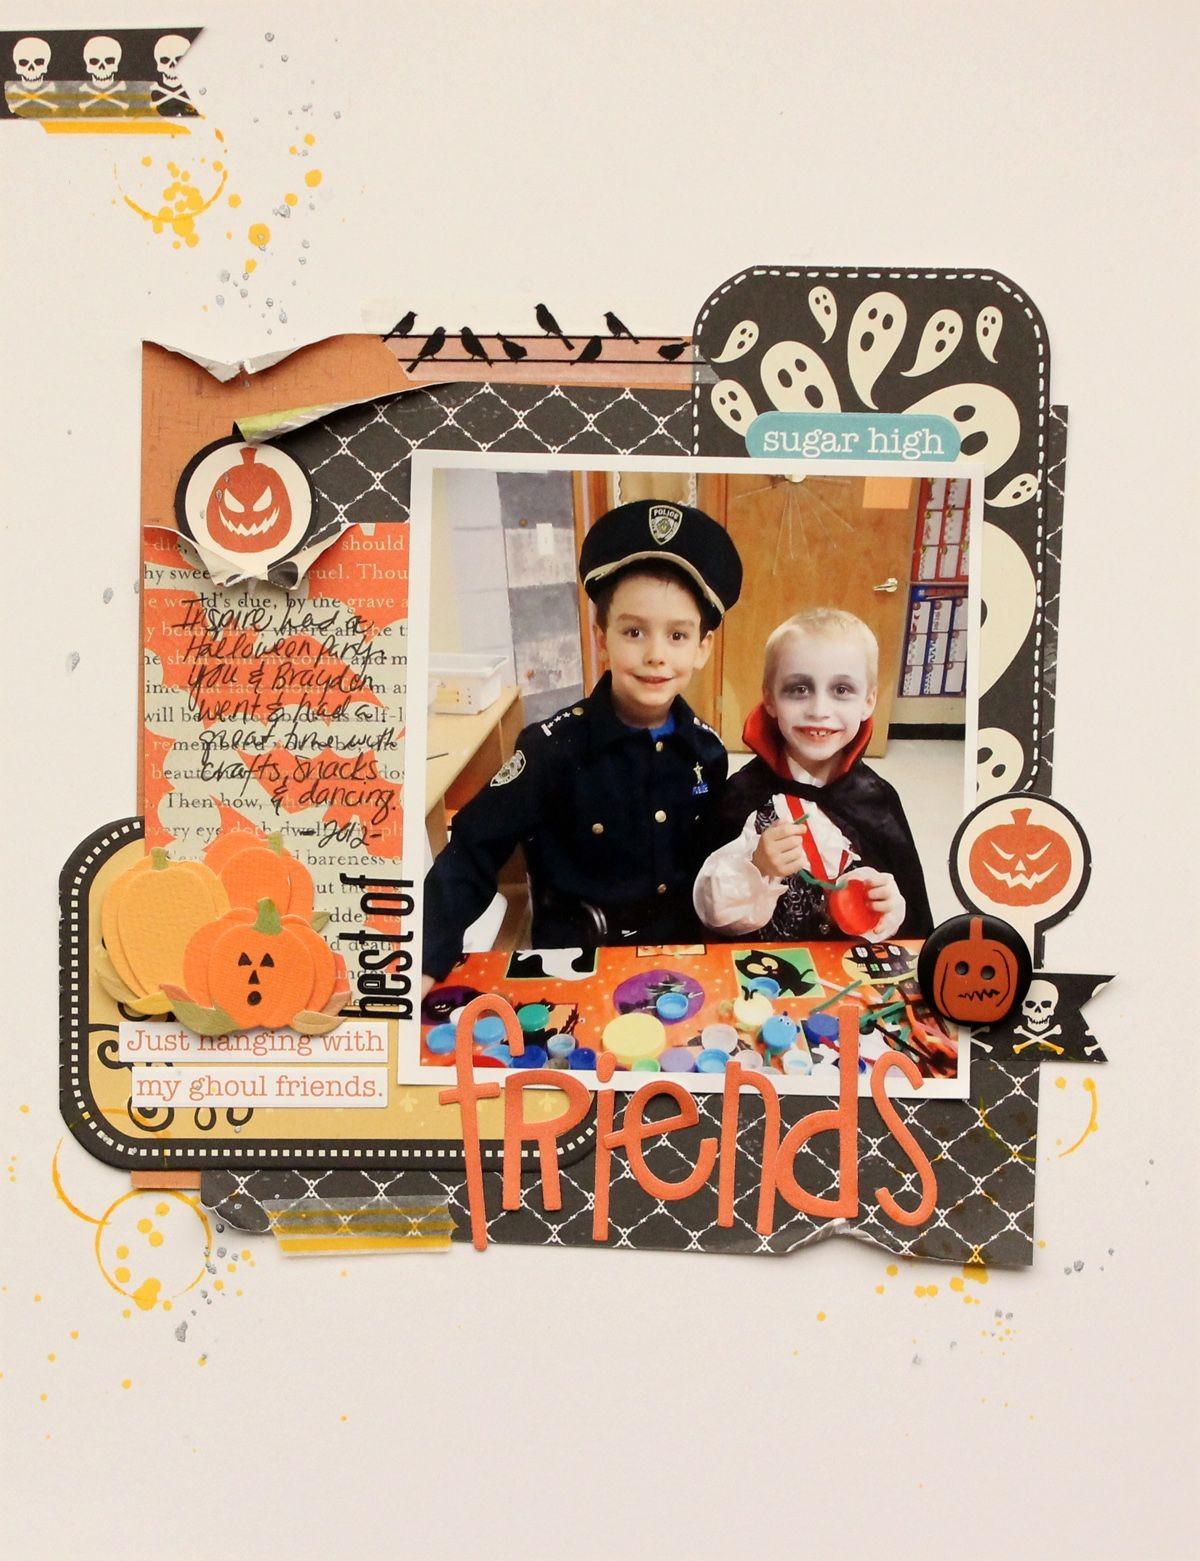 Halloween Papercraft Design by Diana More Halloween A Winner & An event